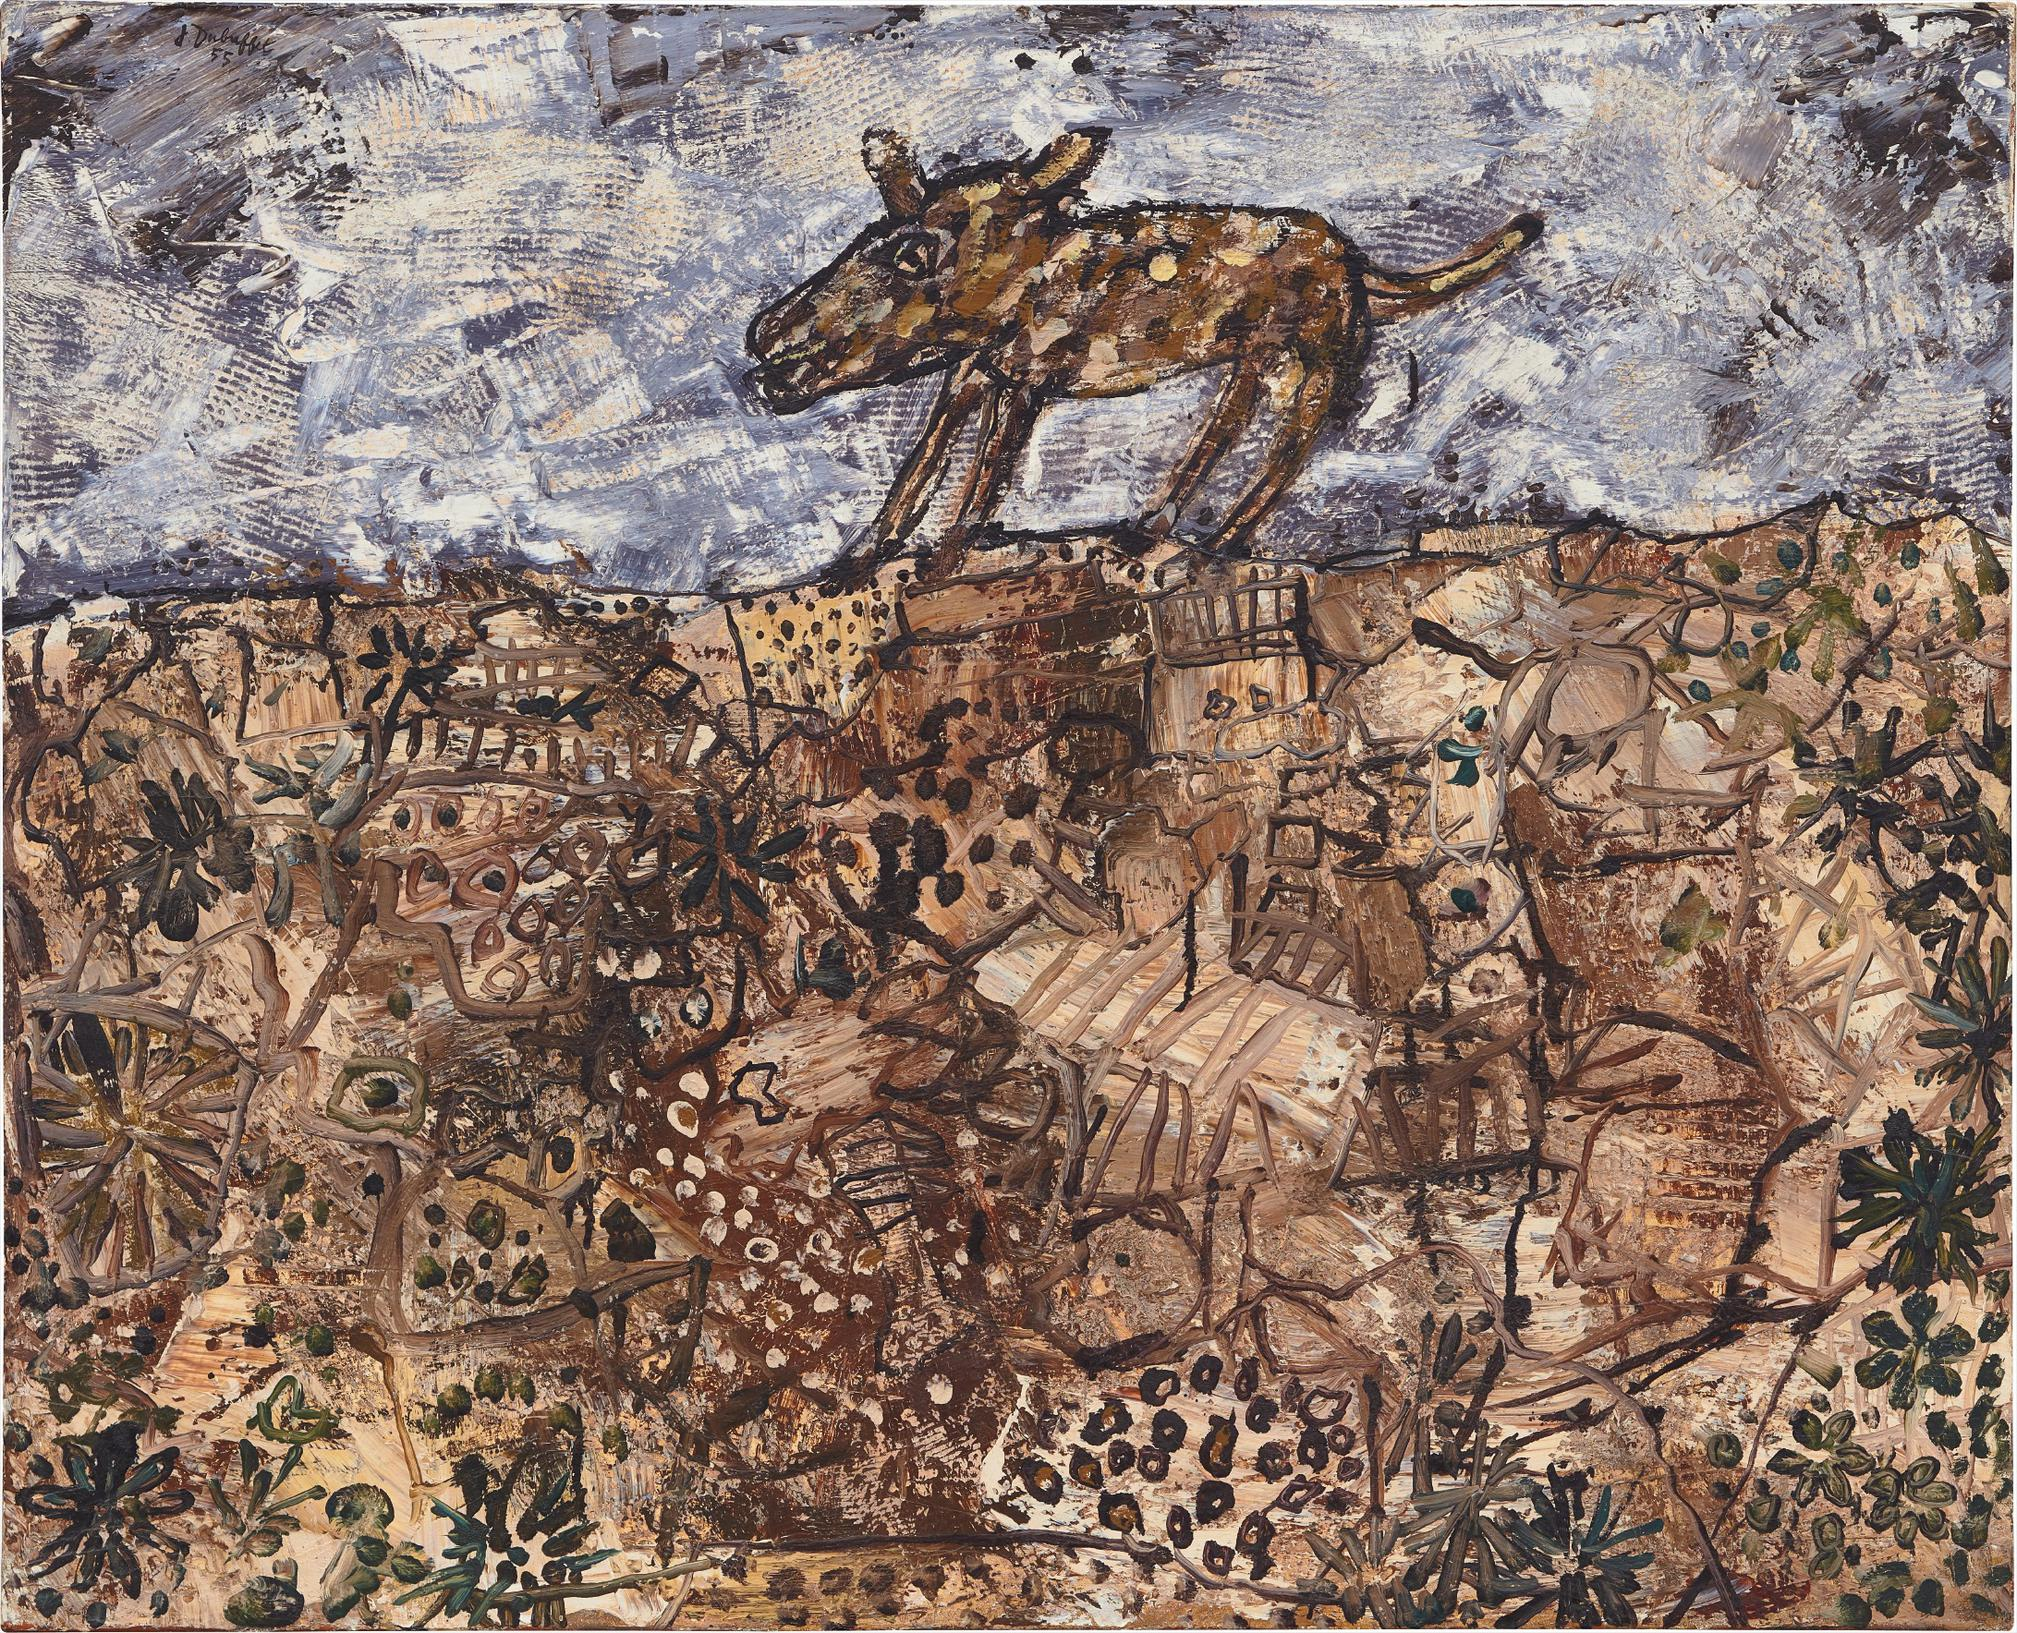 Jean Dubuffet-Le Chien Rodeur-1955